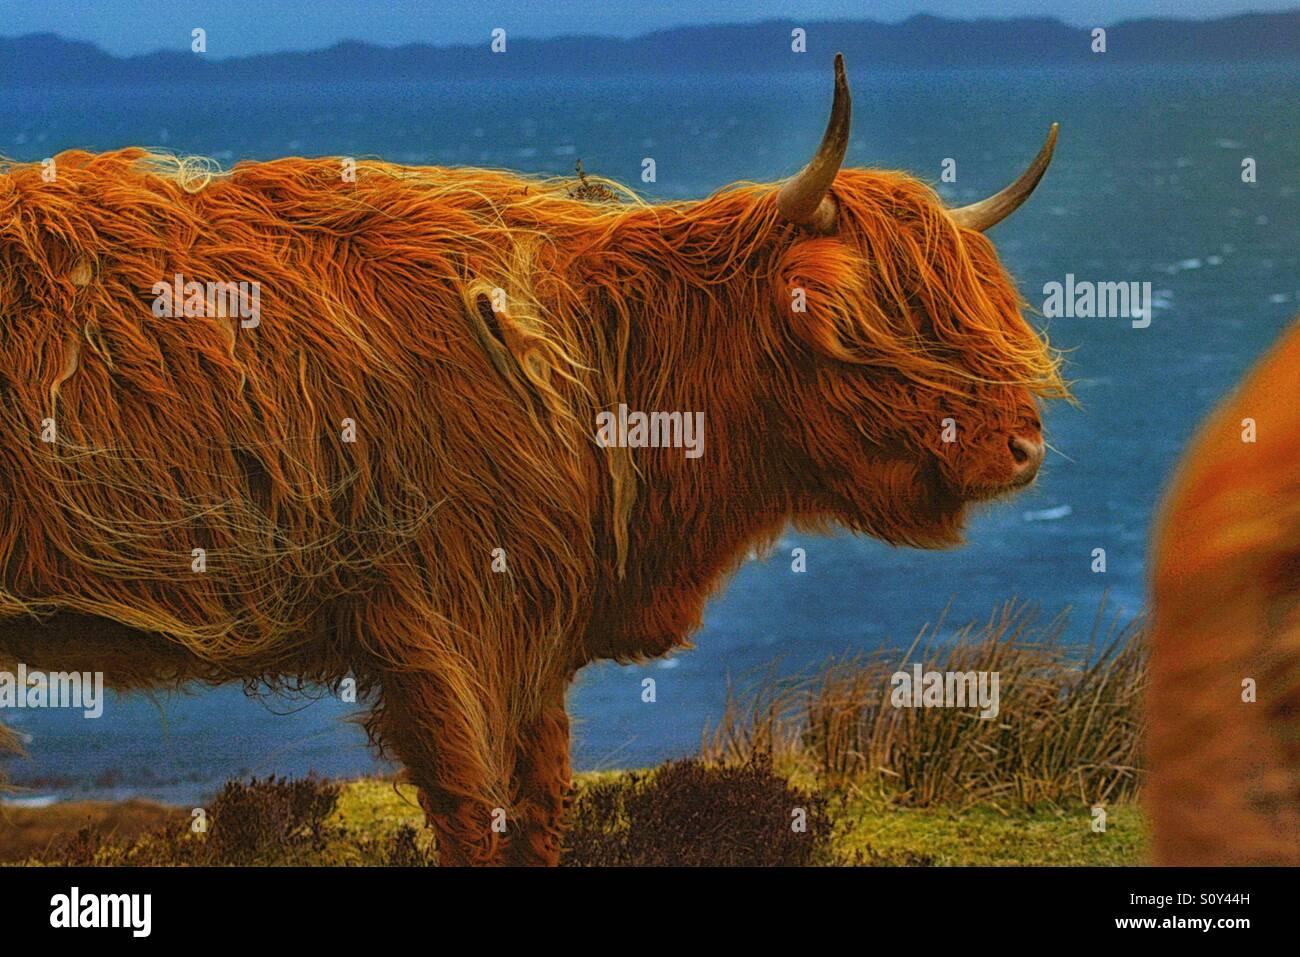 Scotland cow - Stock Image